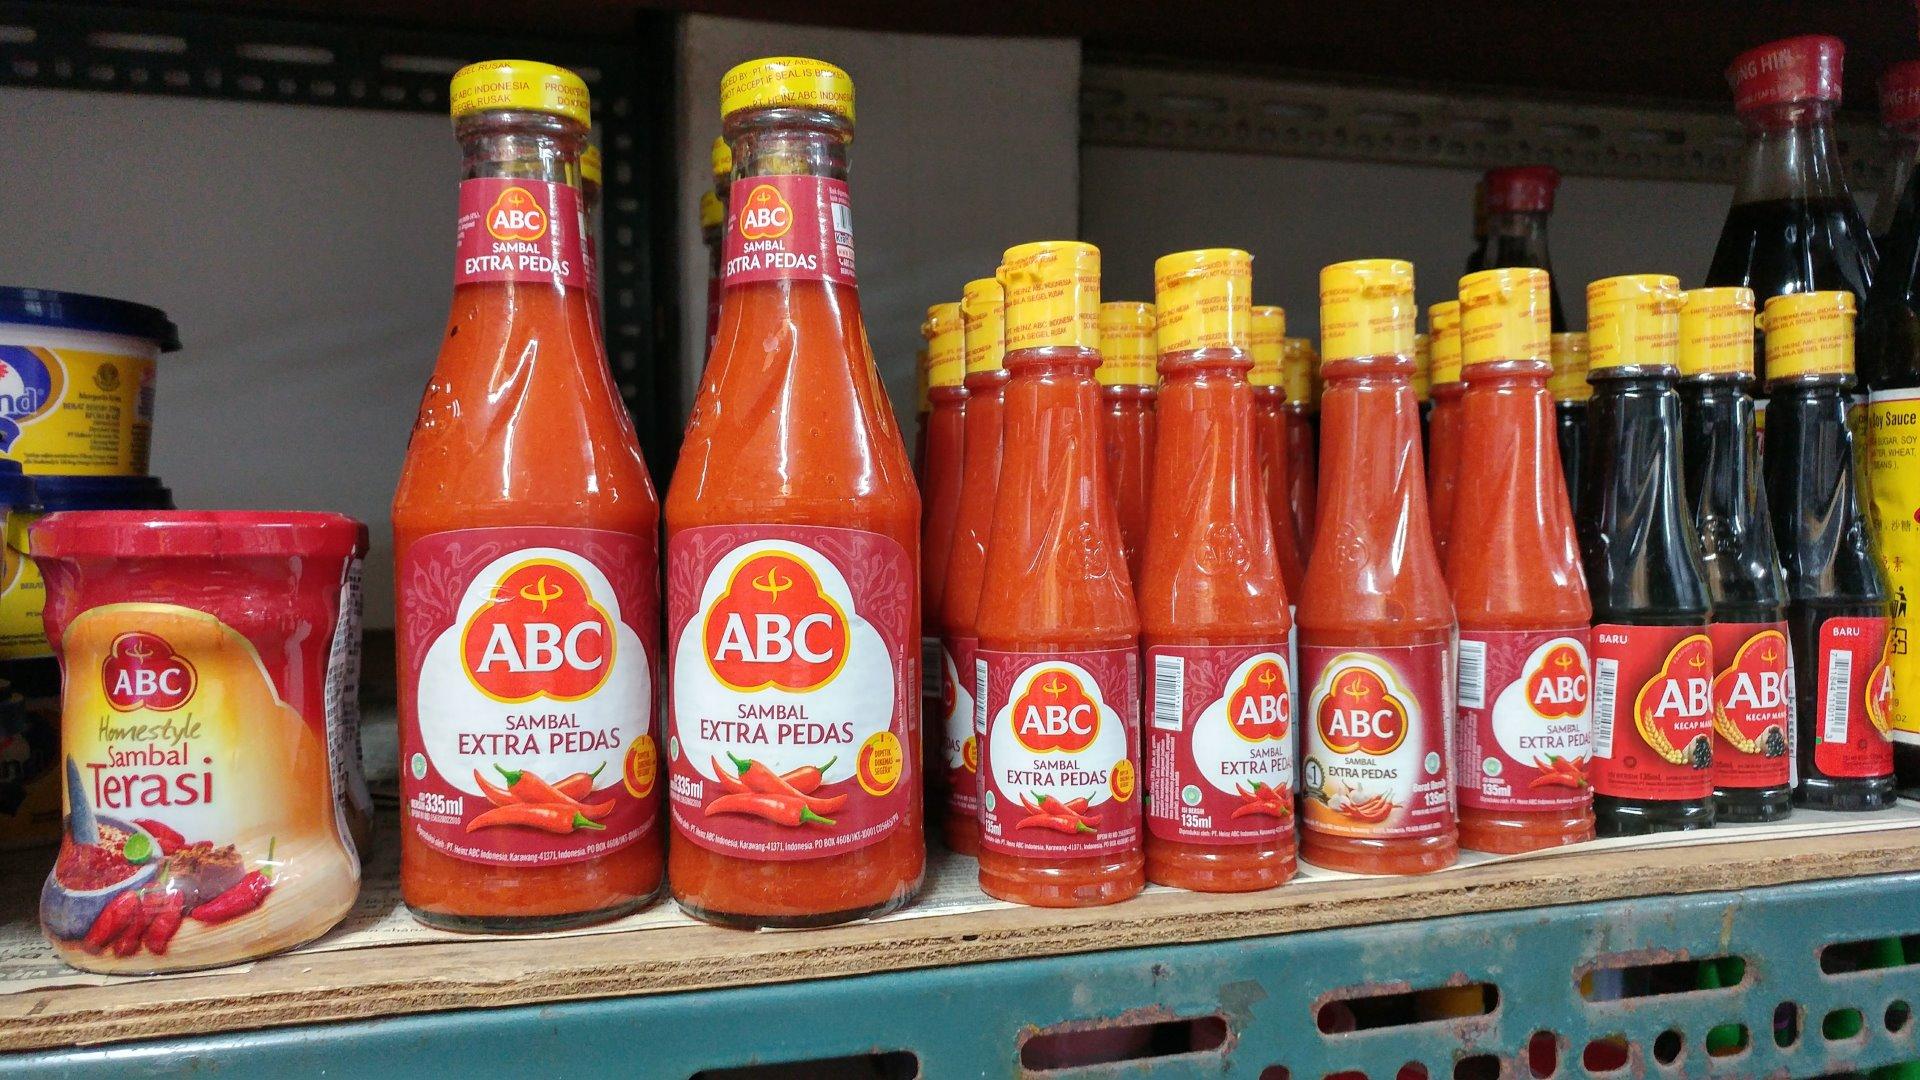 台灣可見的ABC 調味醬料,其中我最推薦ABC Sambal Extra Pedas